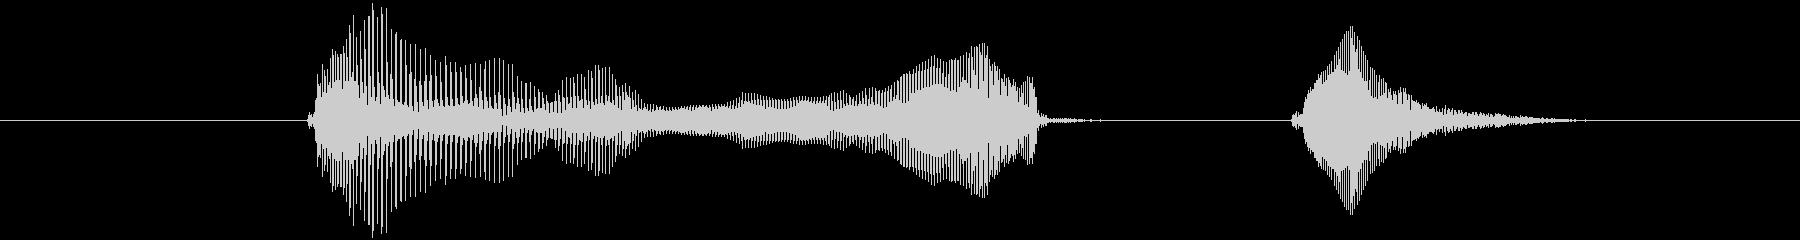 タイムアップ!の未再生の波形